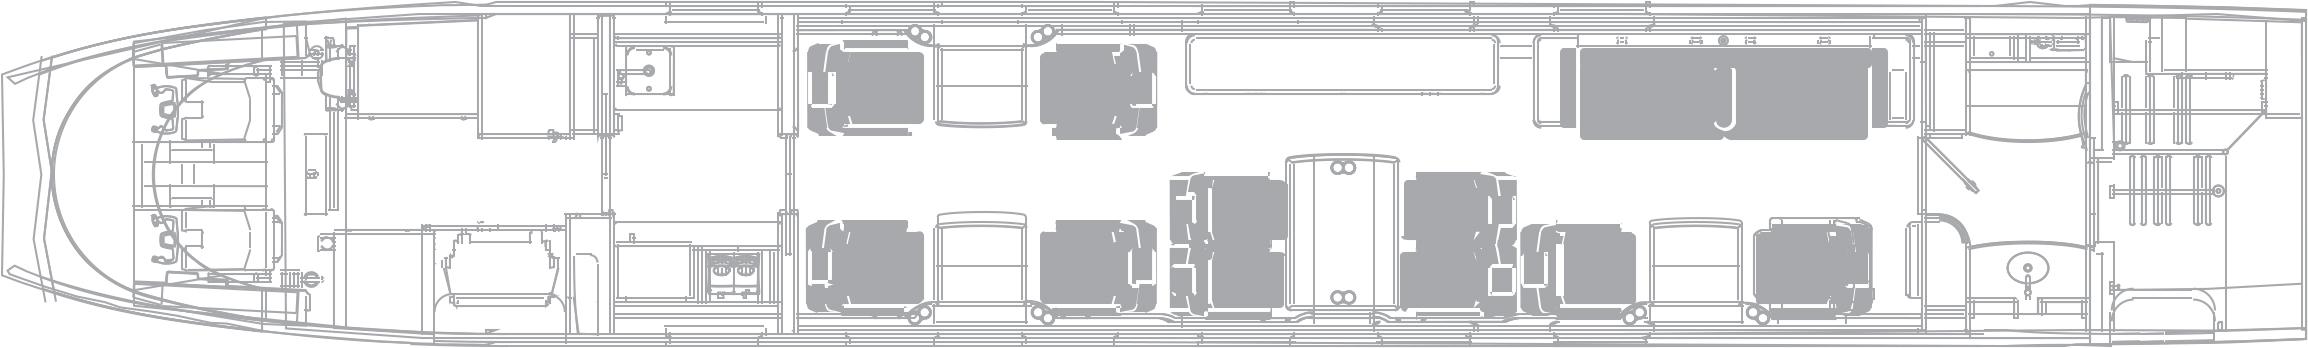 Action Aviation 2010 Gulfstream G450 Floorplan